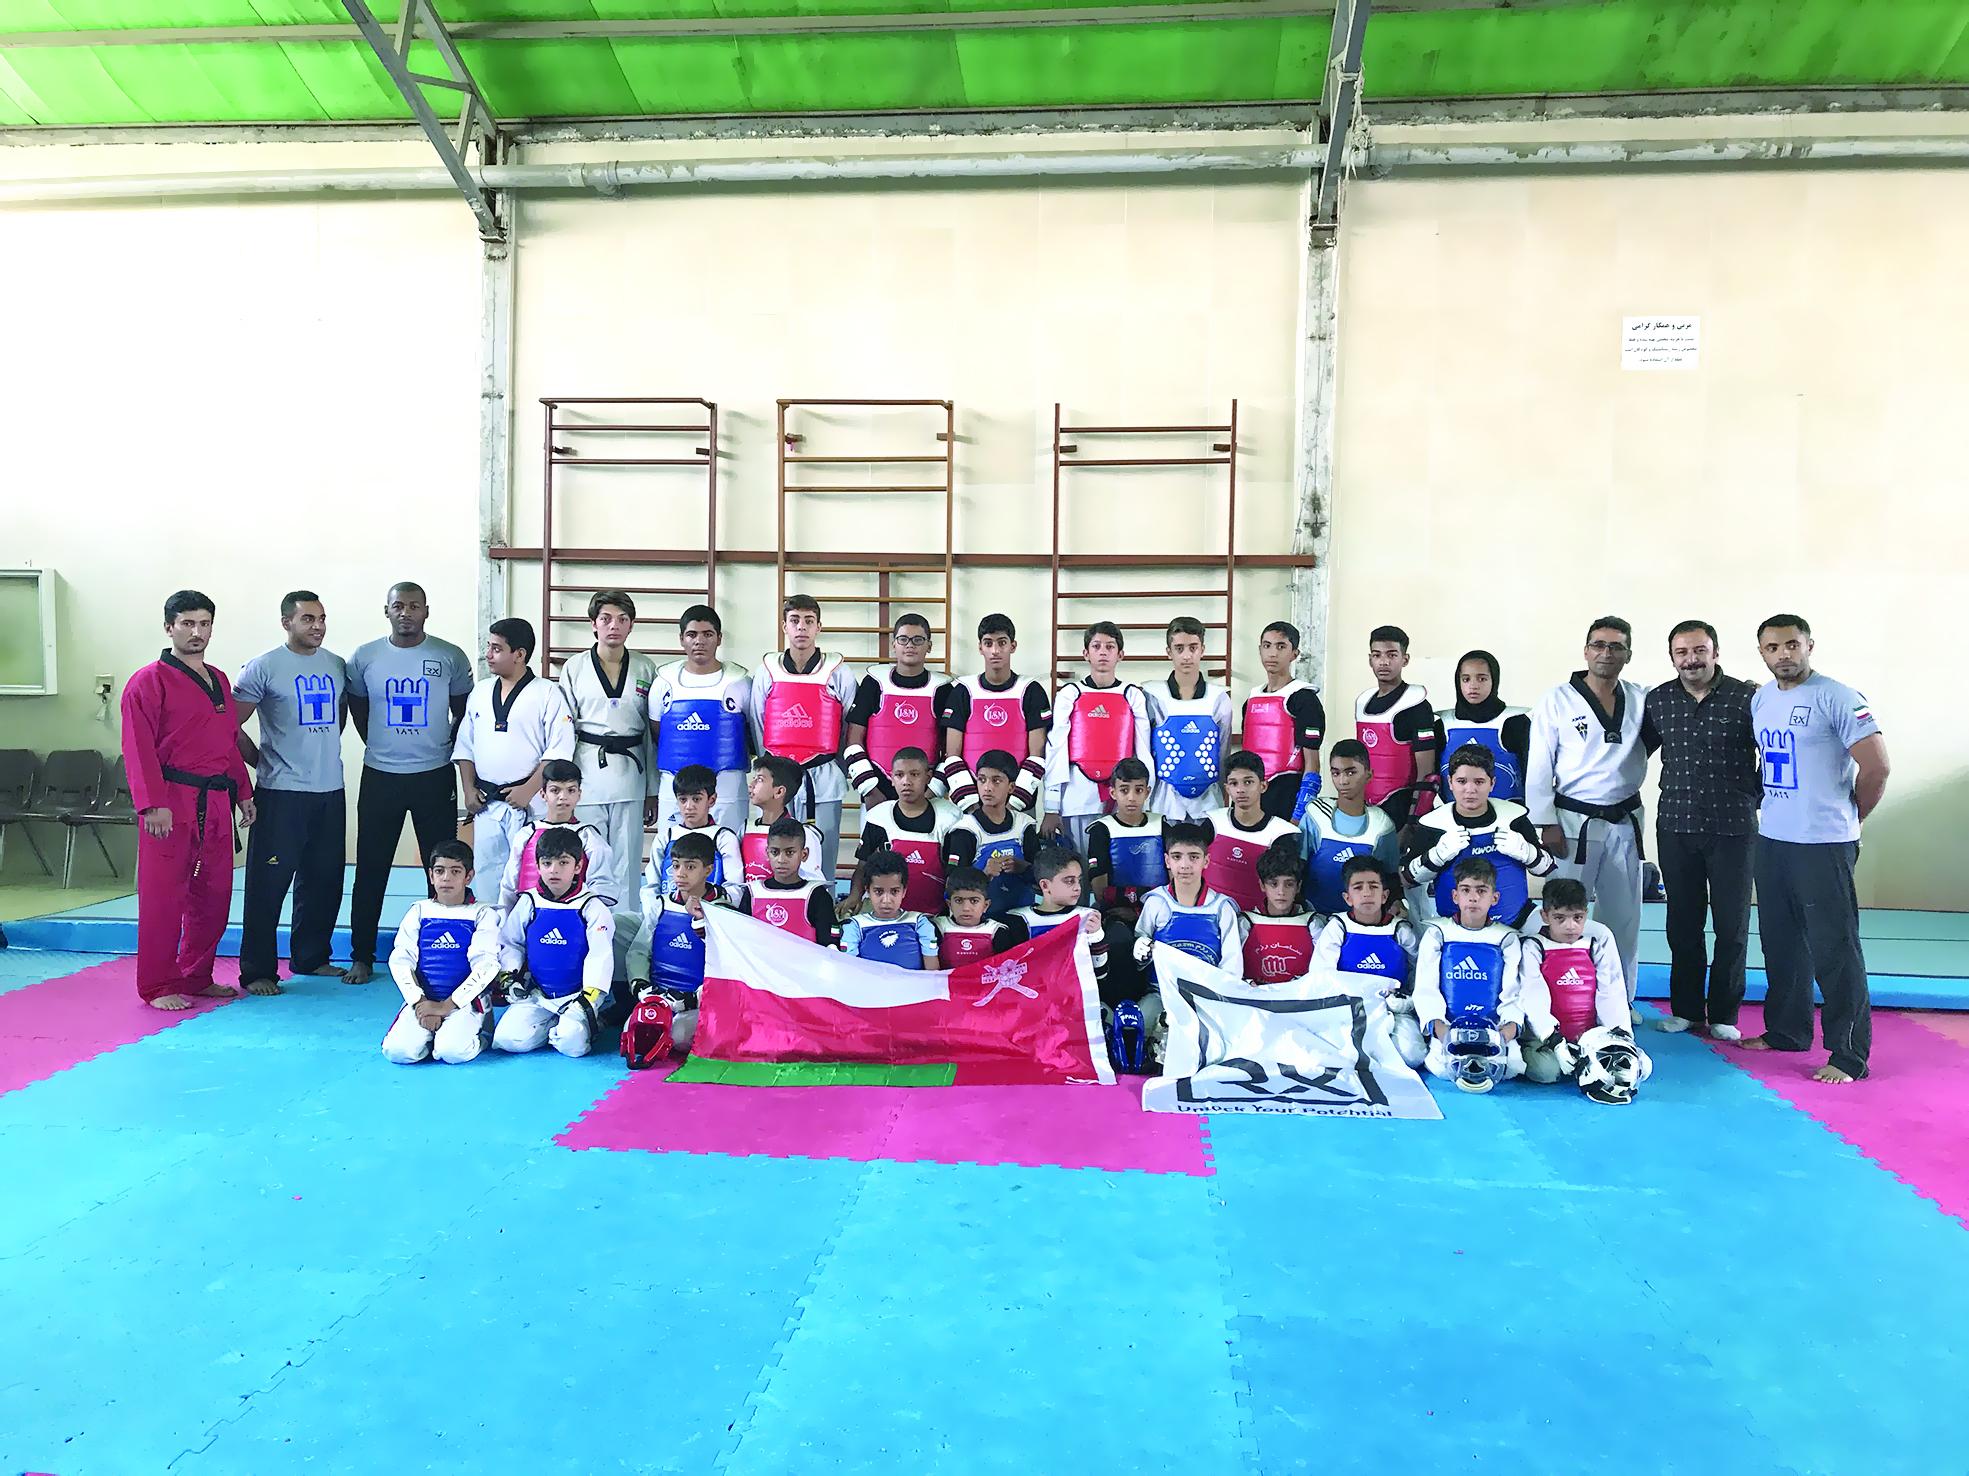 حصيلة جيّدة من الميداليات يحققها فريق «آر أكس» للتايكواندو في أصفهان